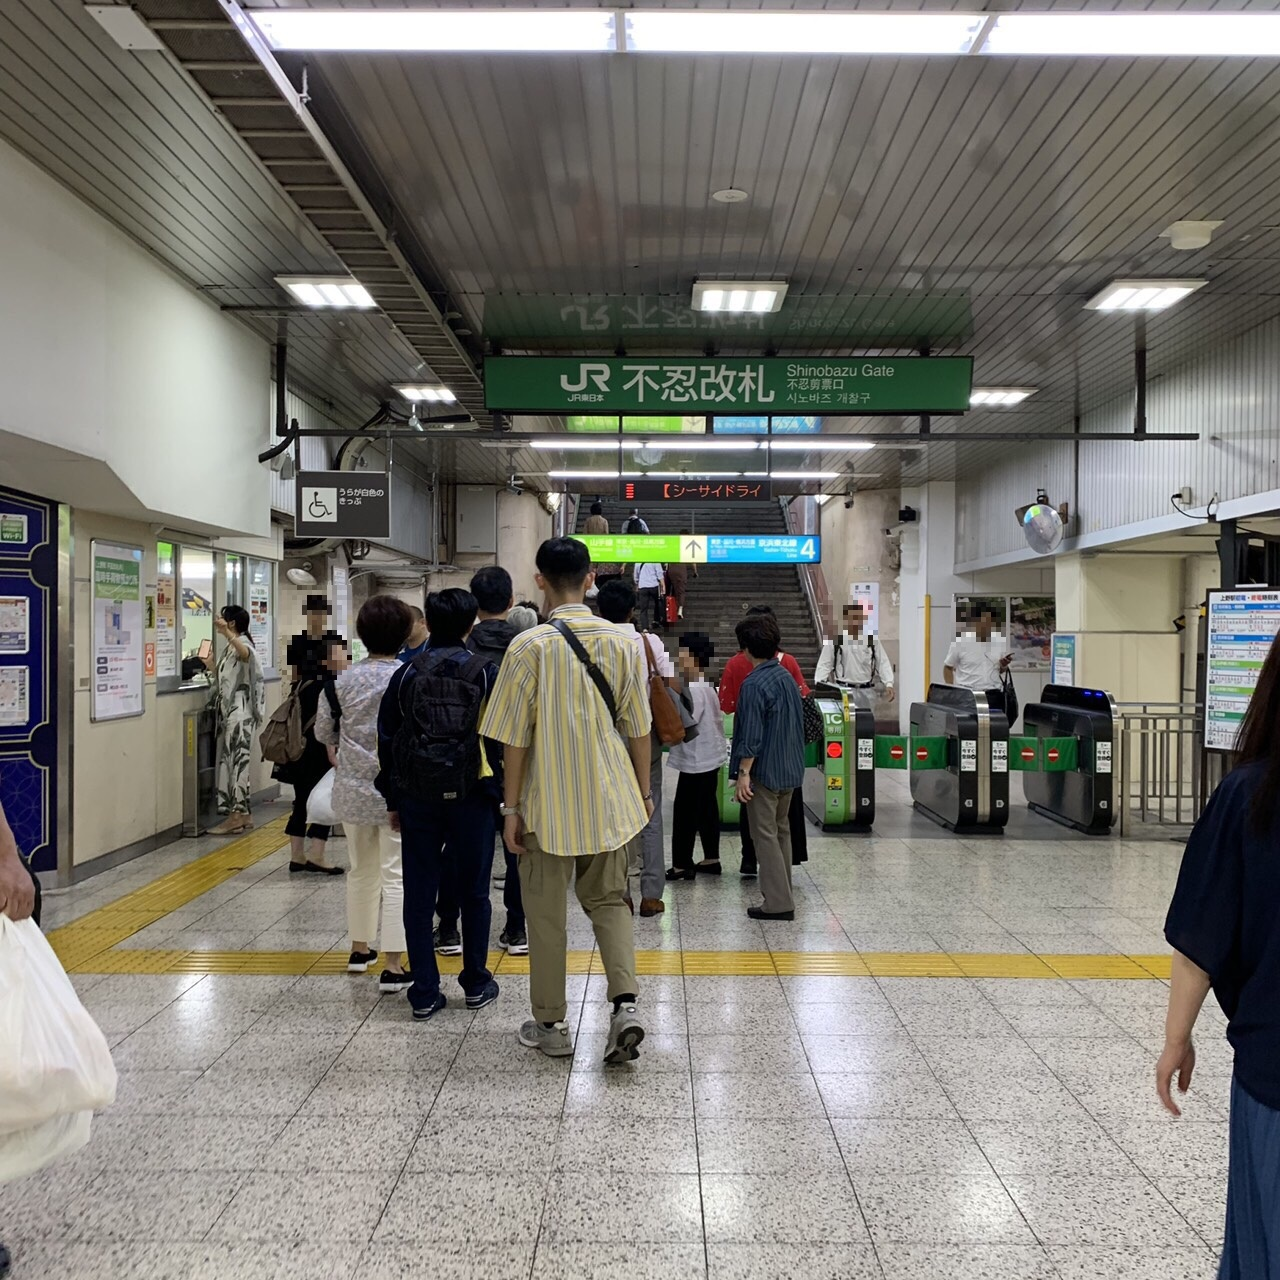 1.JR上野駅 不忍改札を出ます。